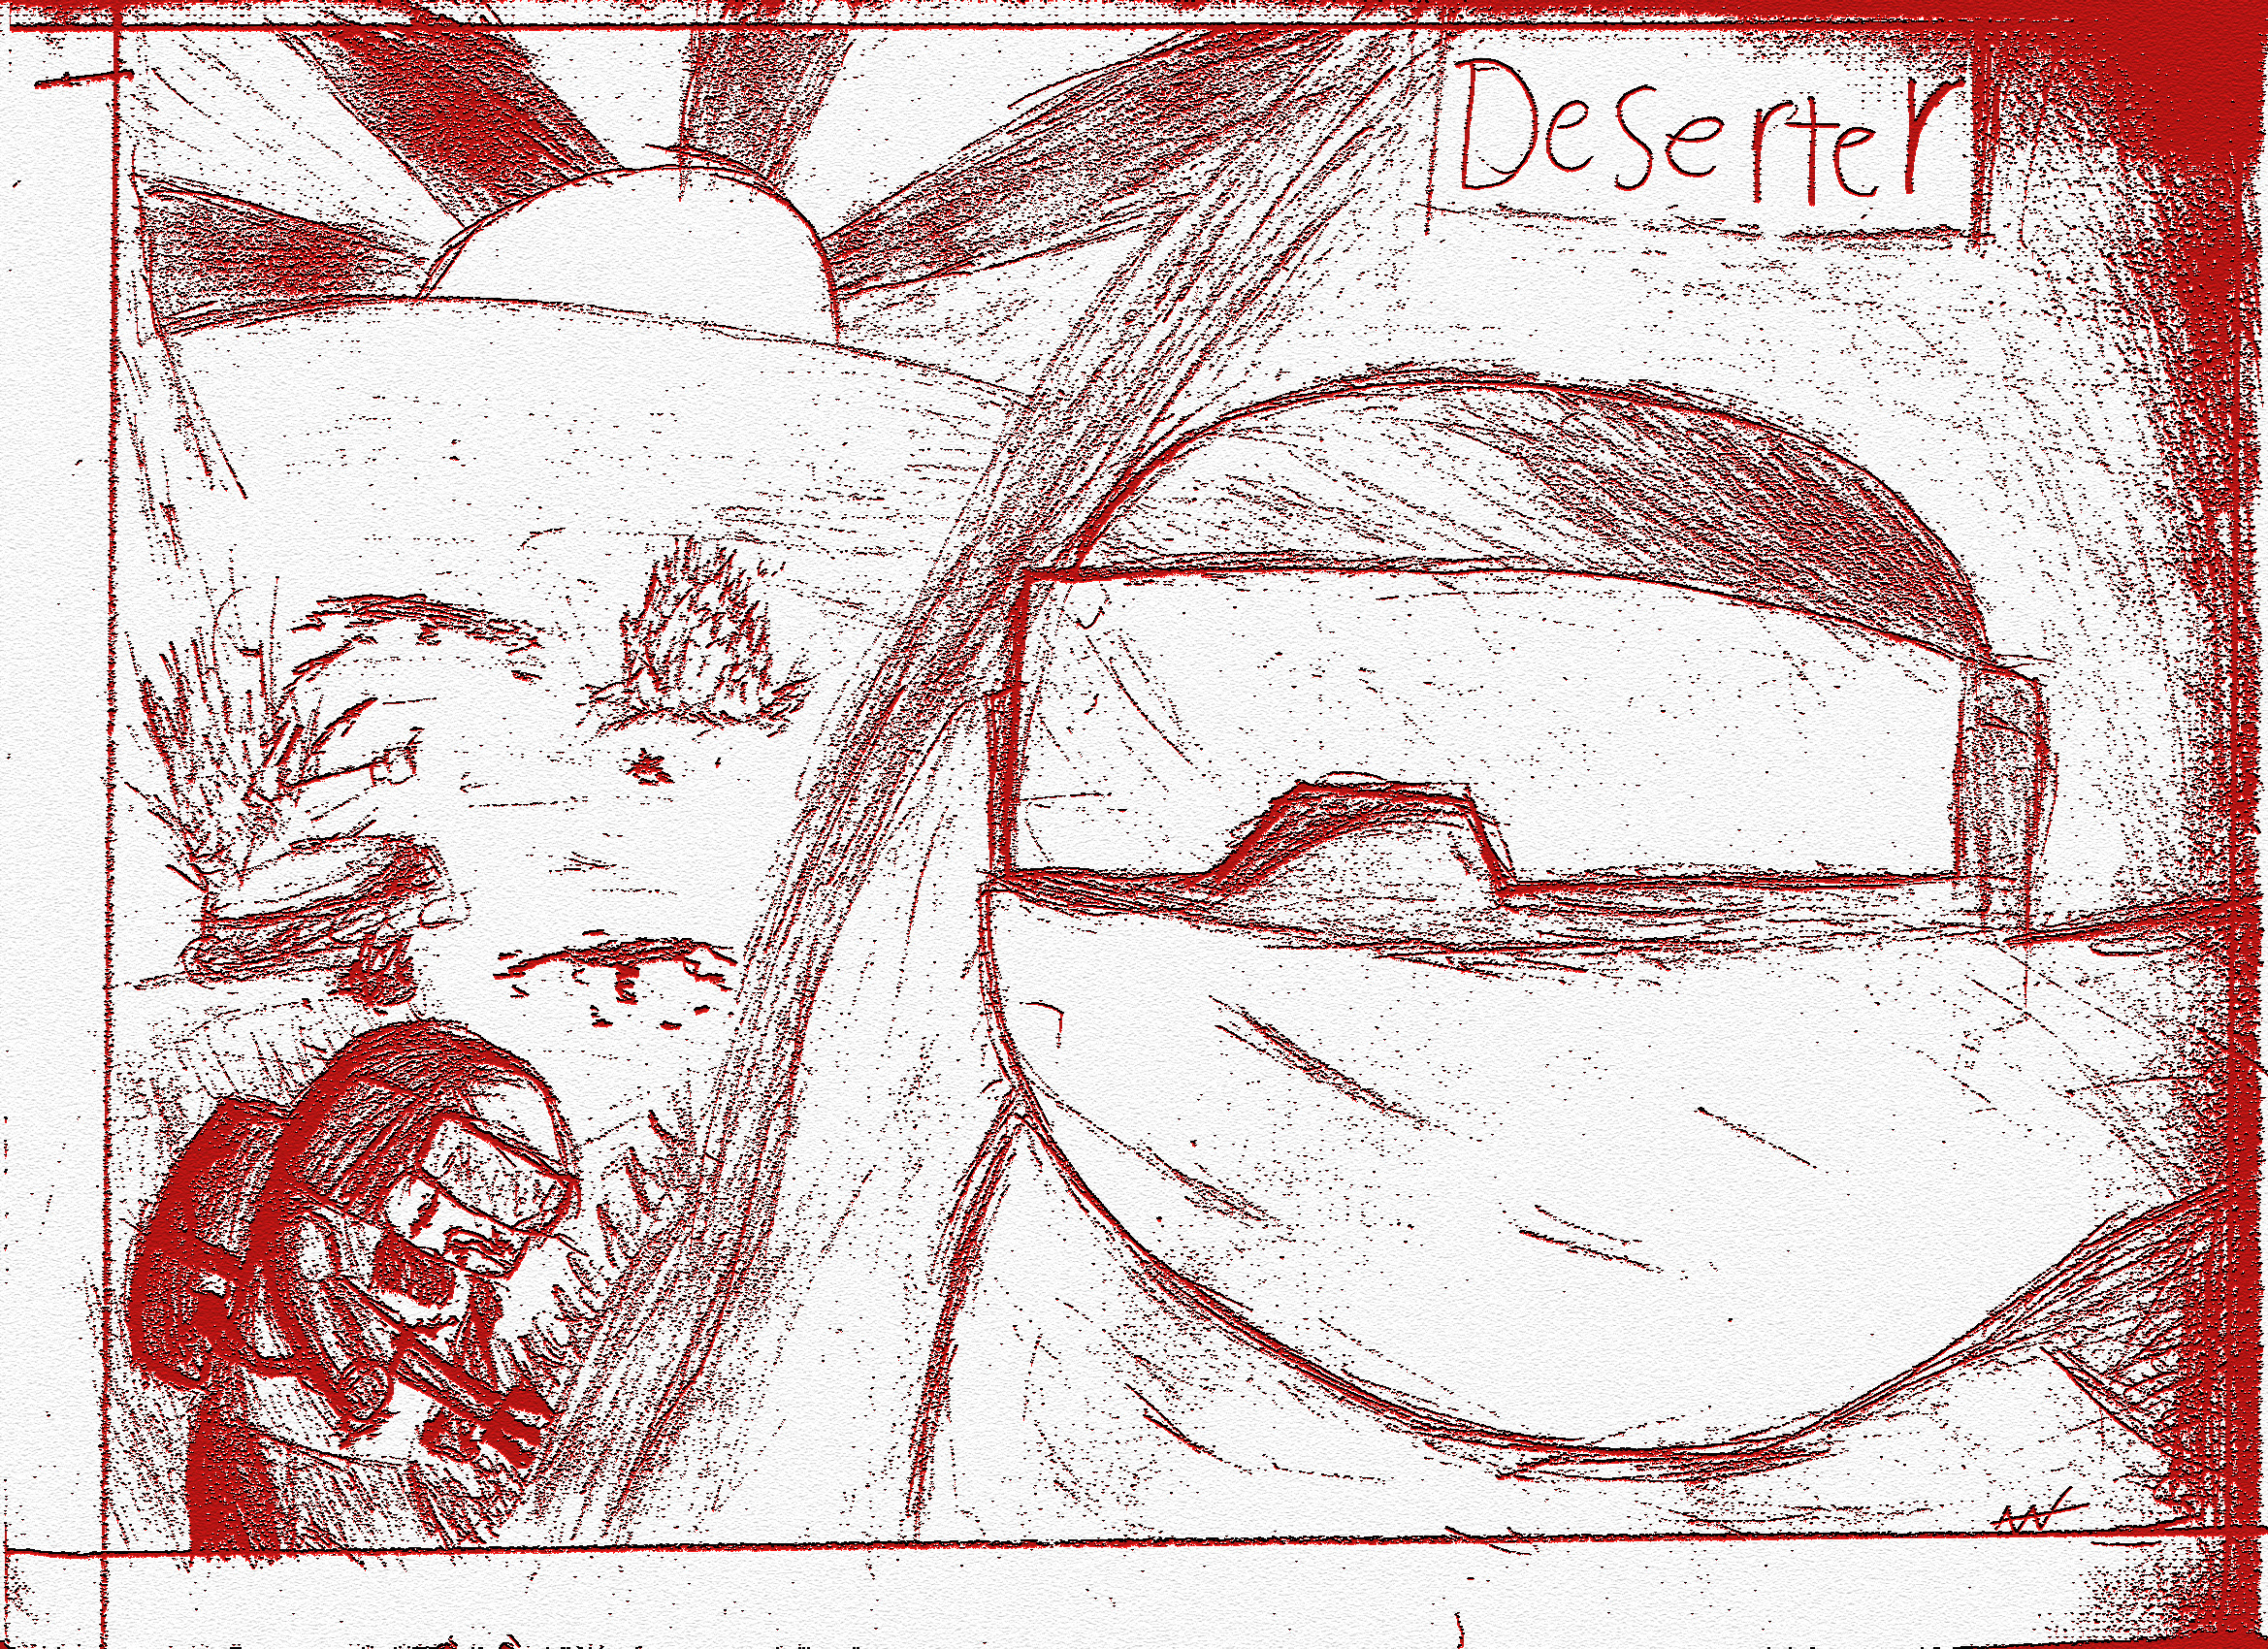 Deserter sketch